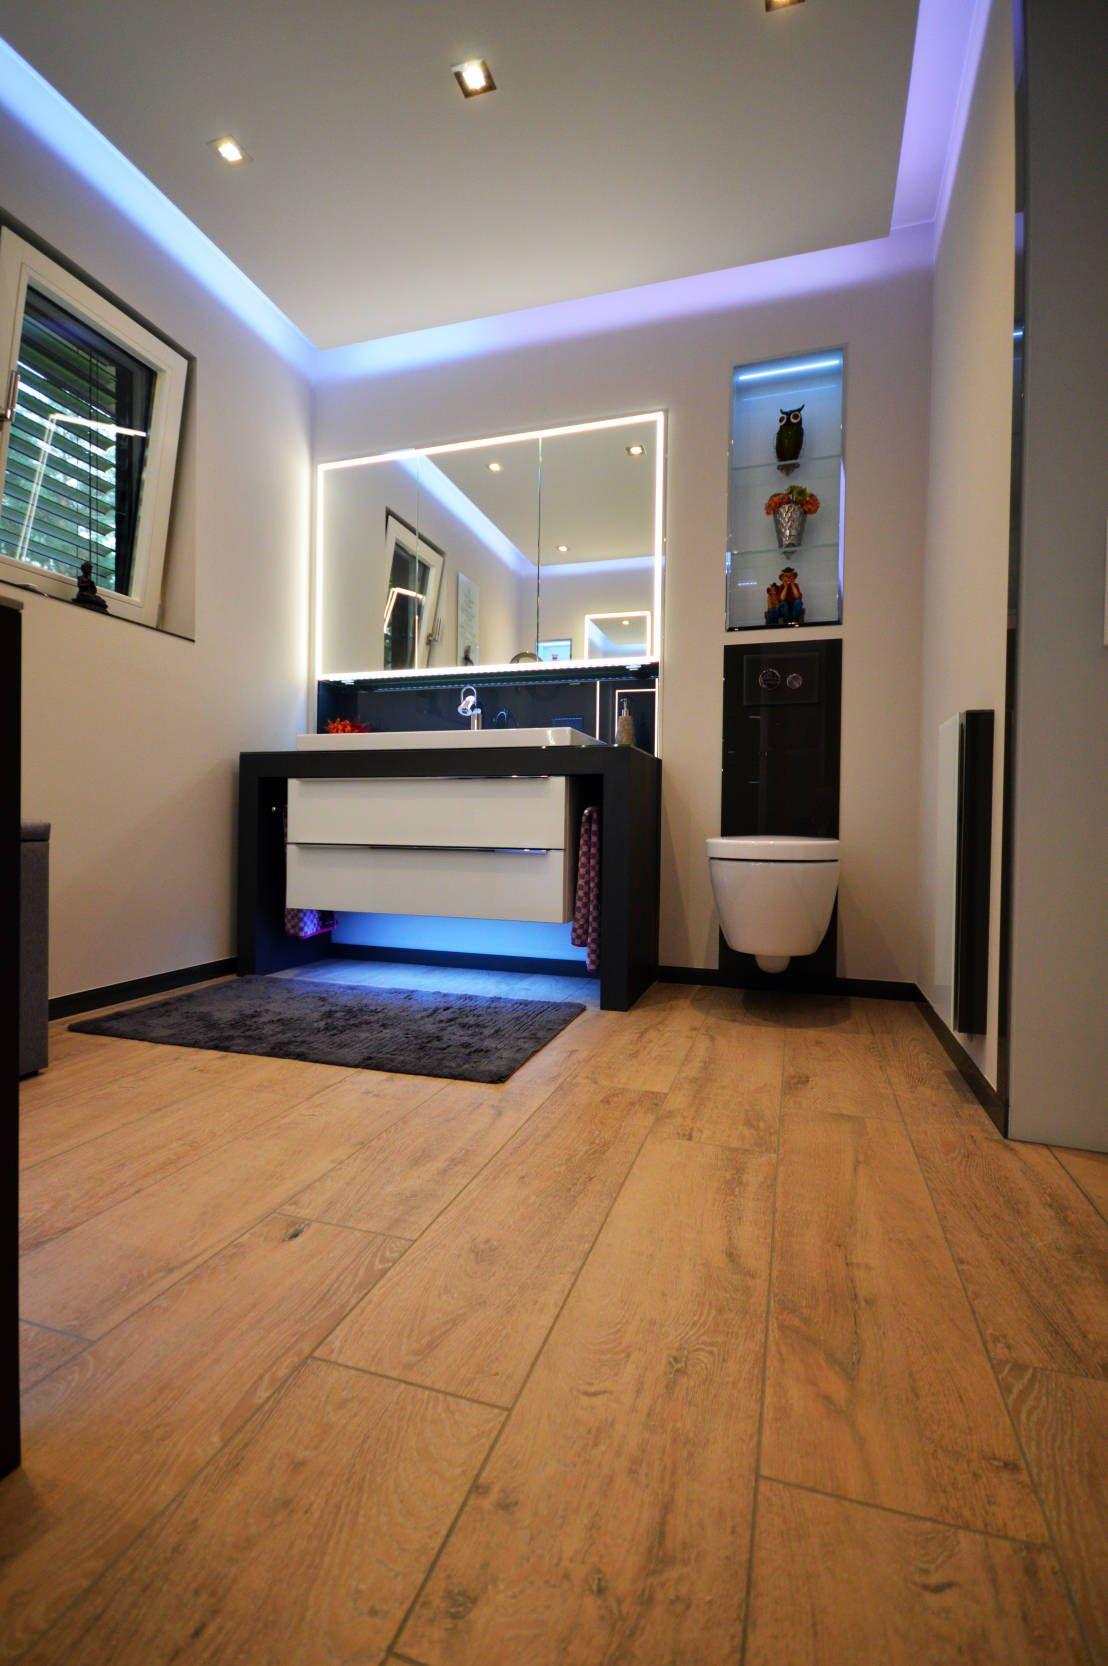 sch ne ideen f r ein modernes badezimmer badezimmer ideen und tipps badezimmer baden und. Black Bedroom Furniture Sets. Home Design Ideas